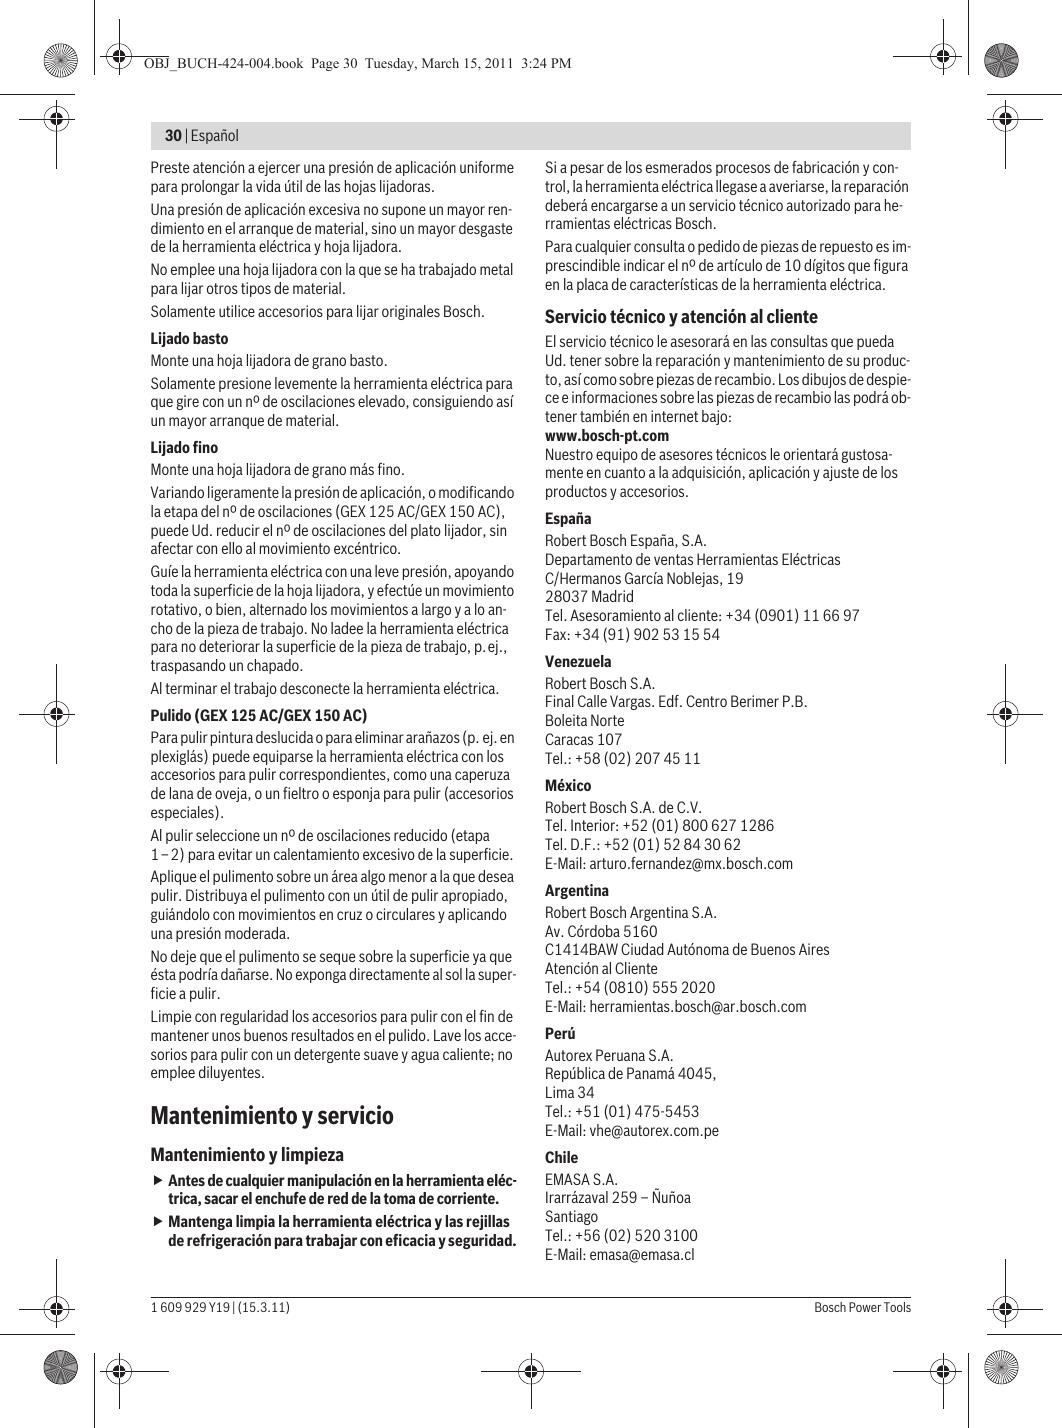 Nusac 17205 Plomada Cincaco Nuez Diabolo 500G